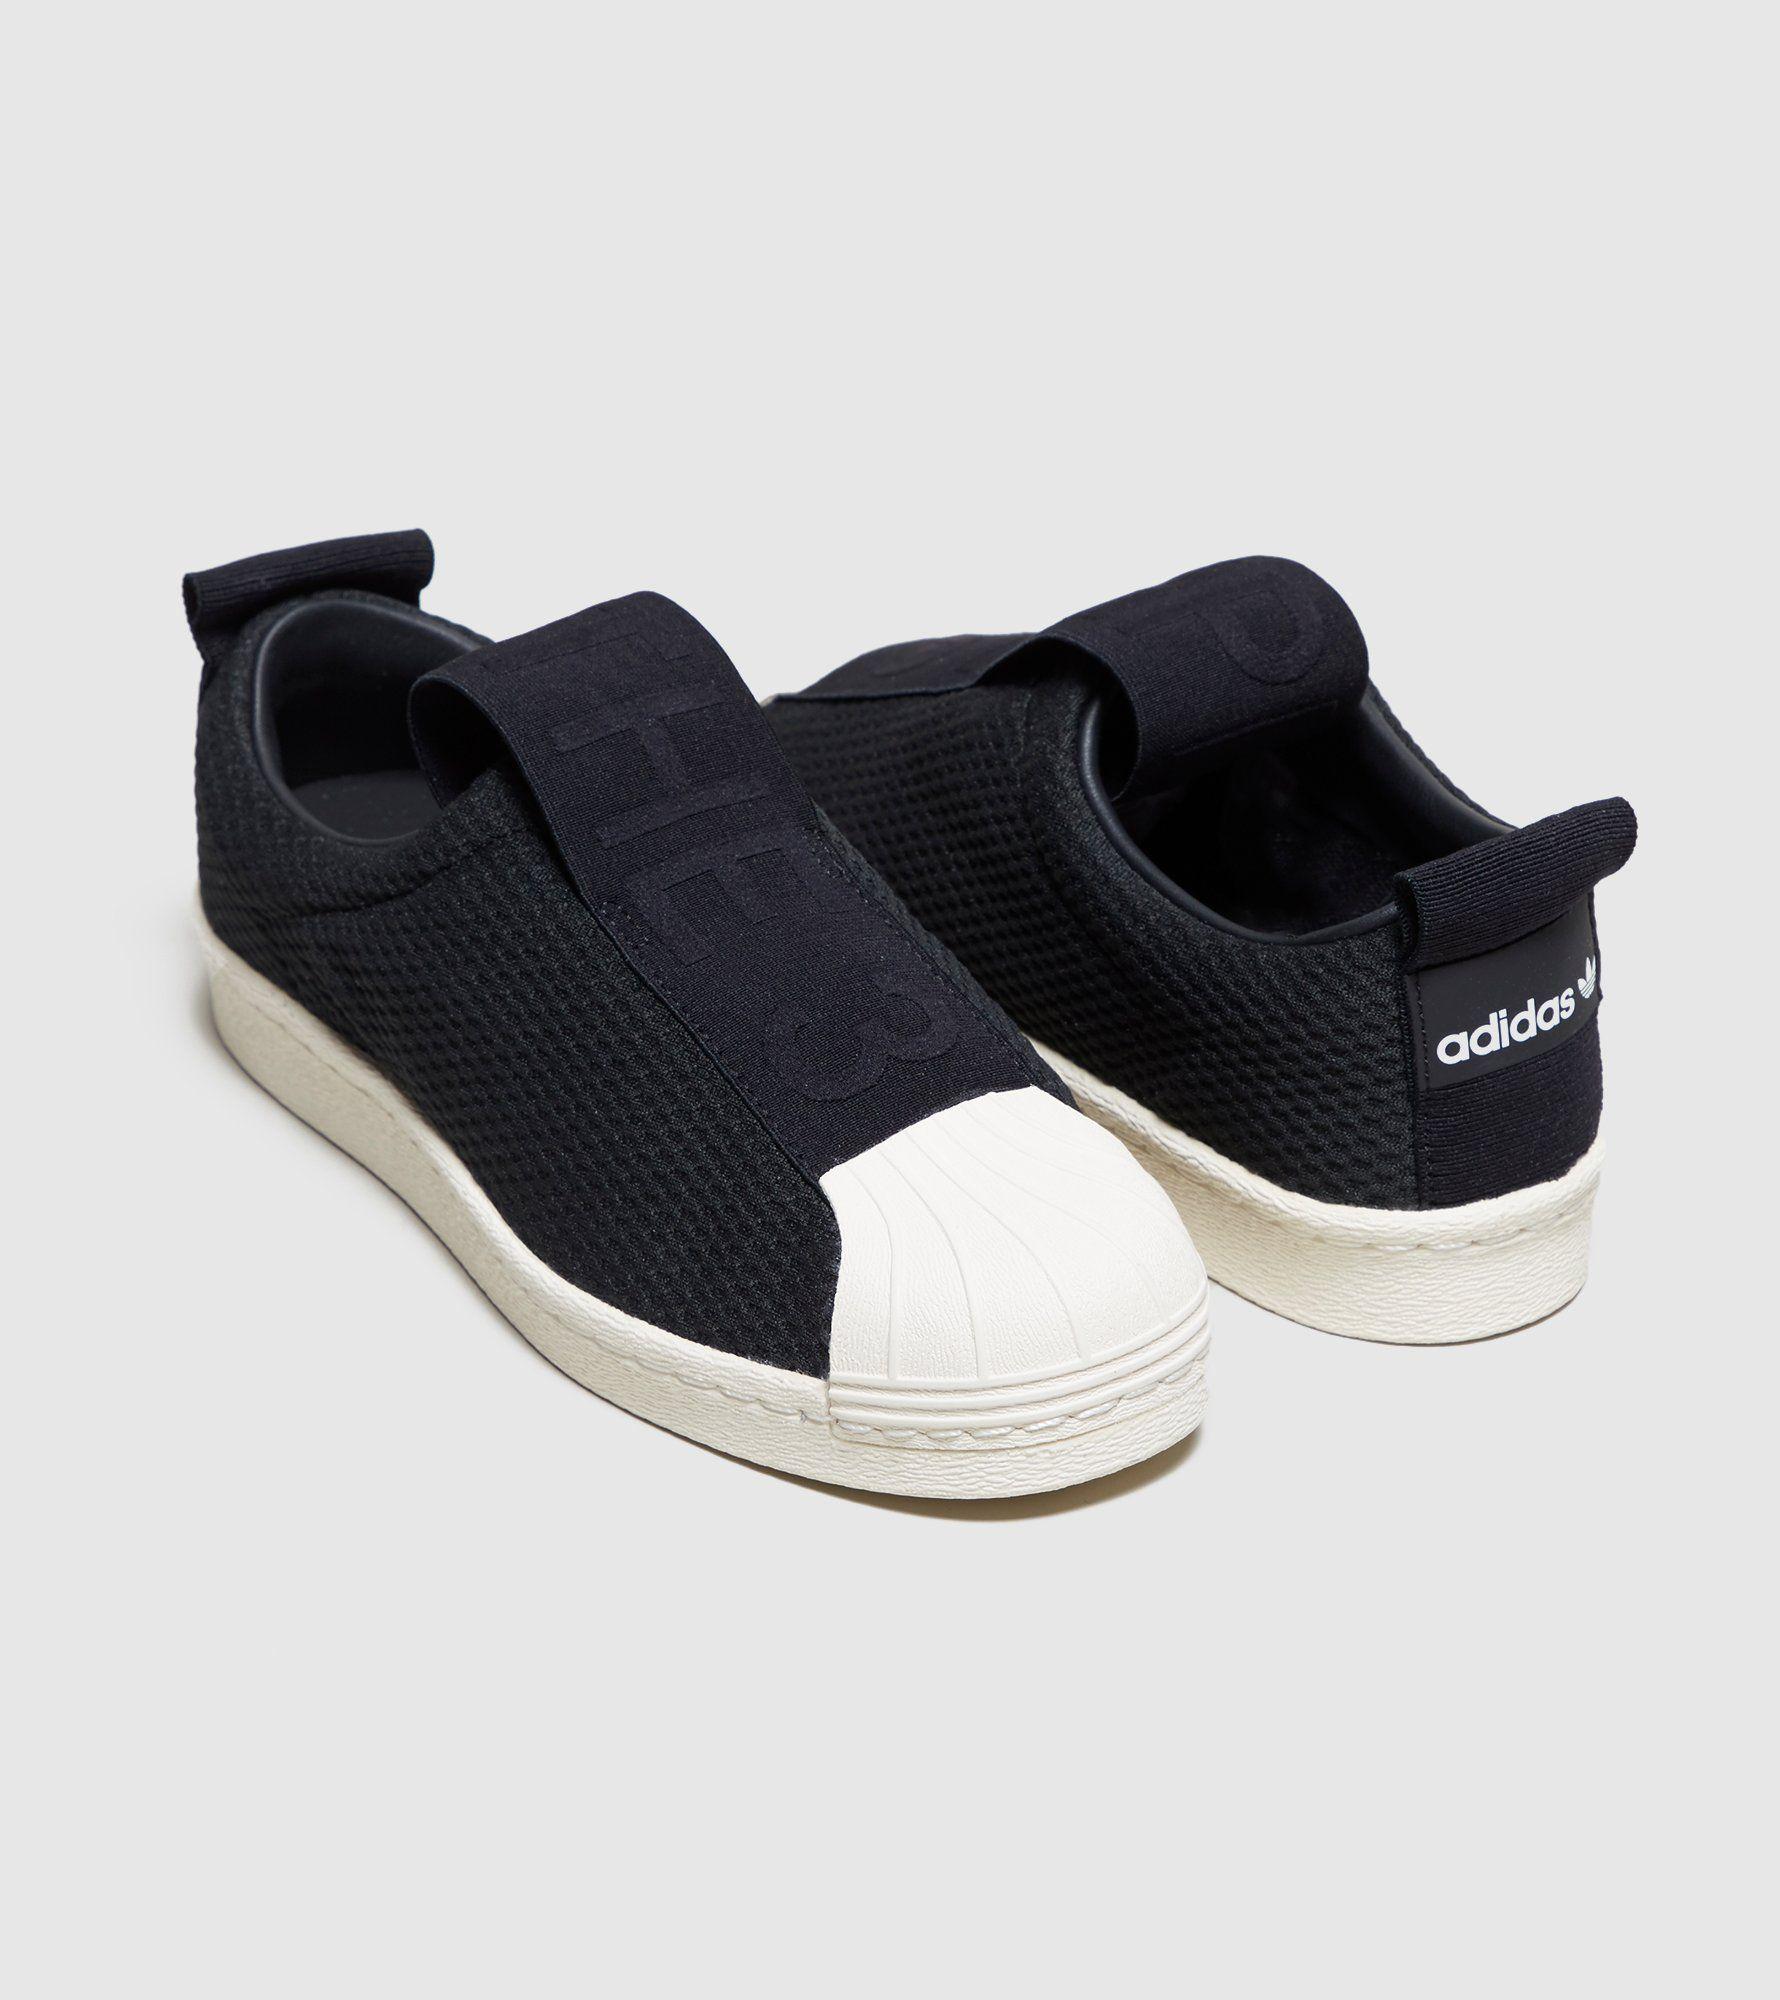 best value 17aa0 749c2 สอบถามรุ่นรองเท้า Adidas ค่ะ(มีรูป) - Pantip